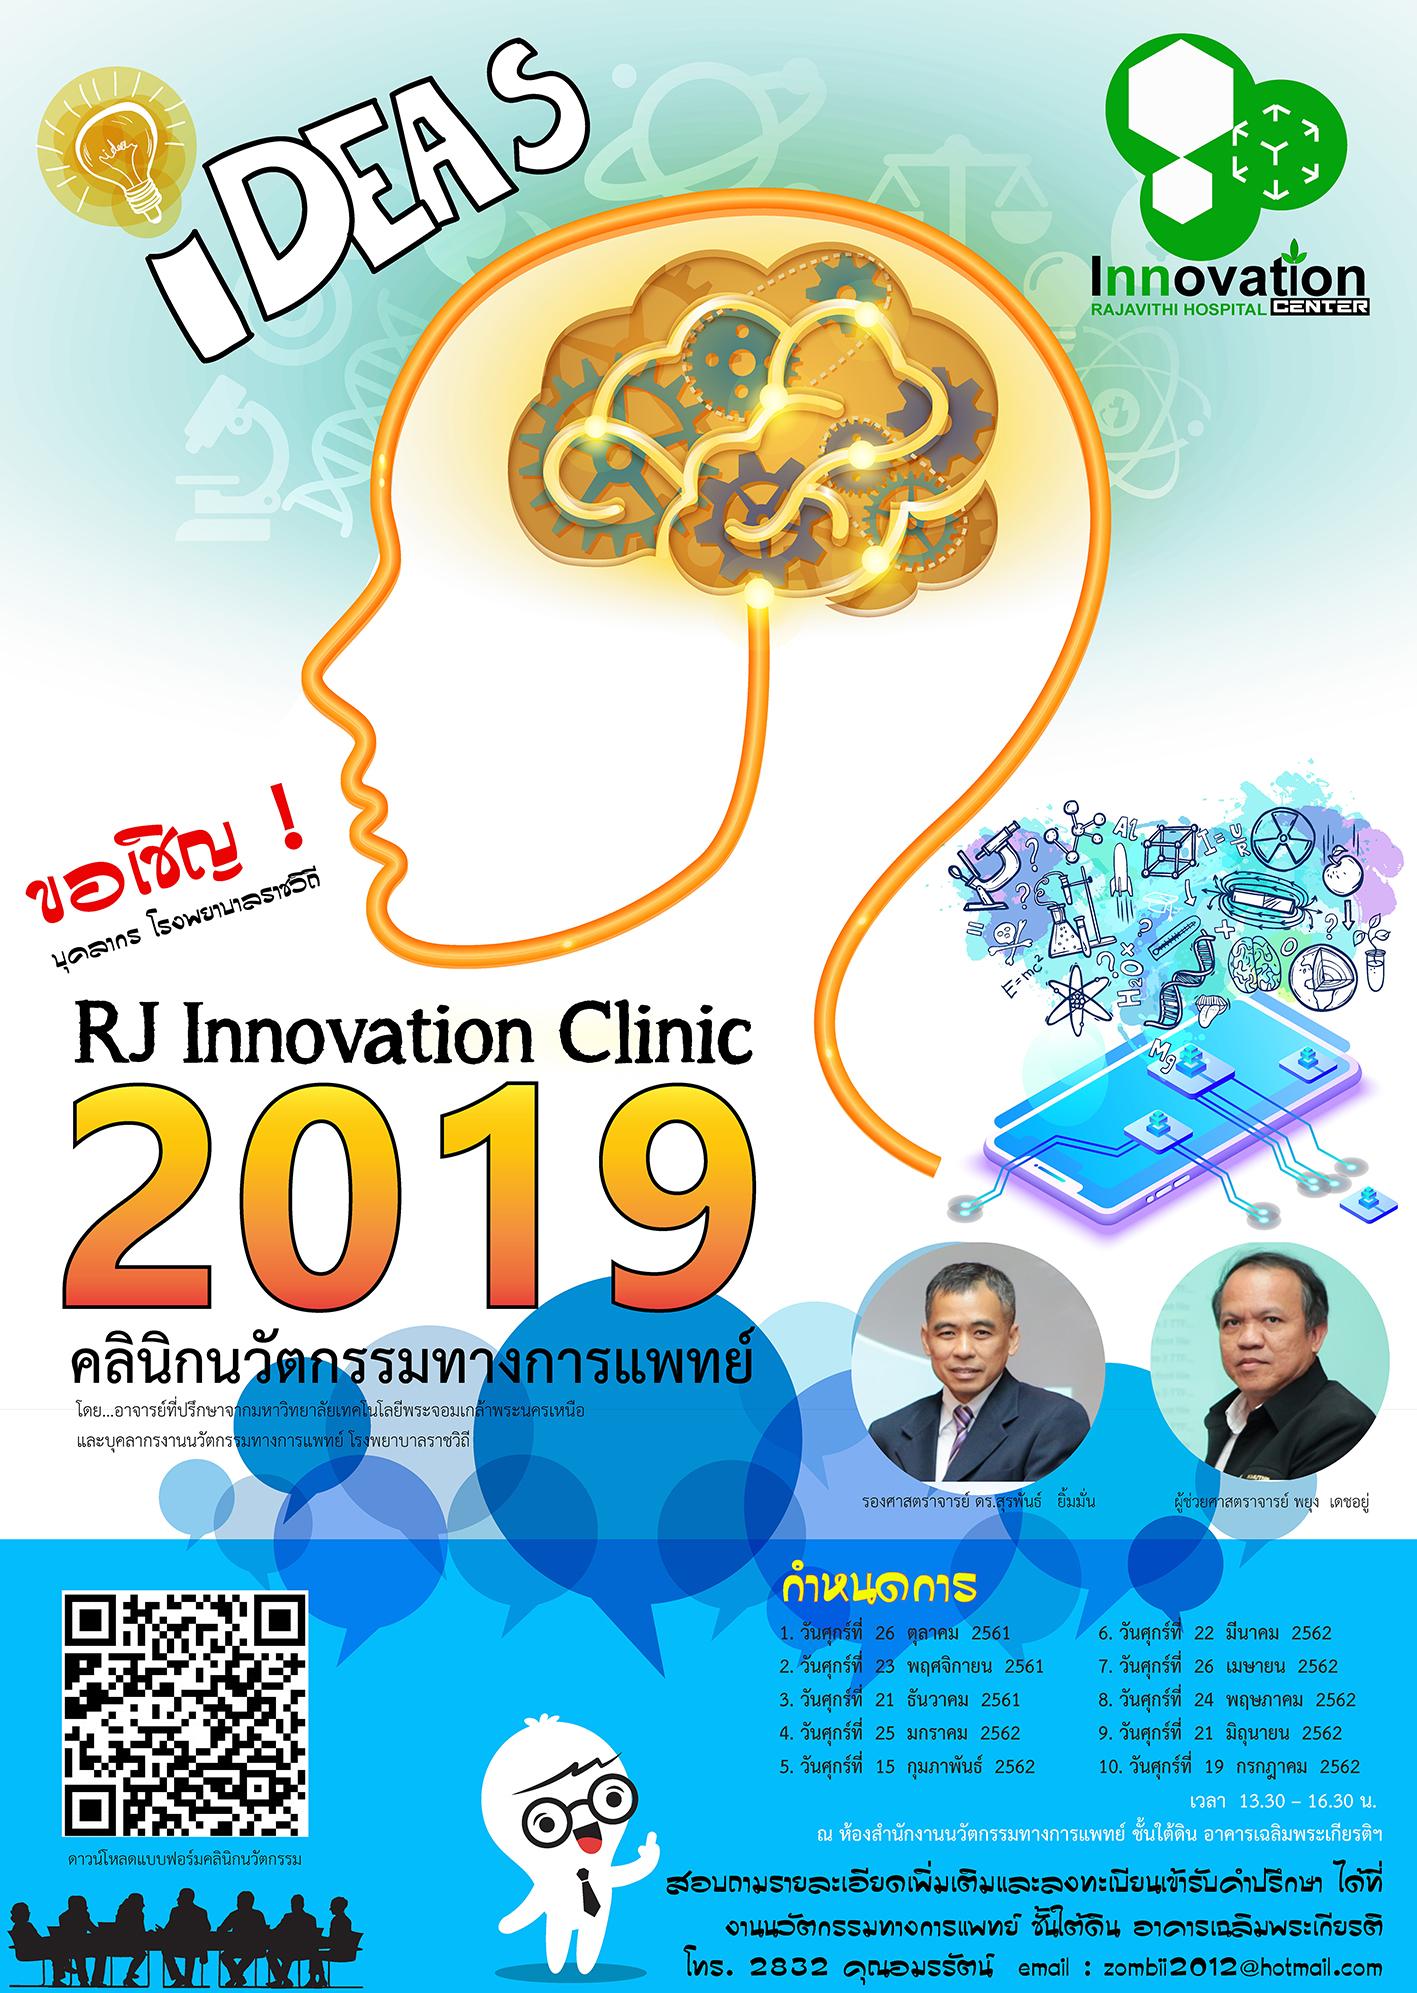 62rj-innovation-clinic-2019-poster-copy